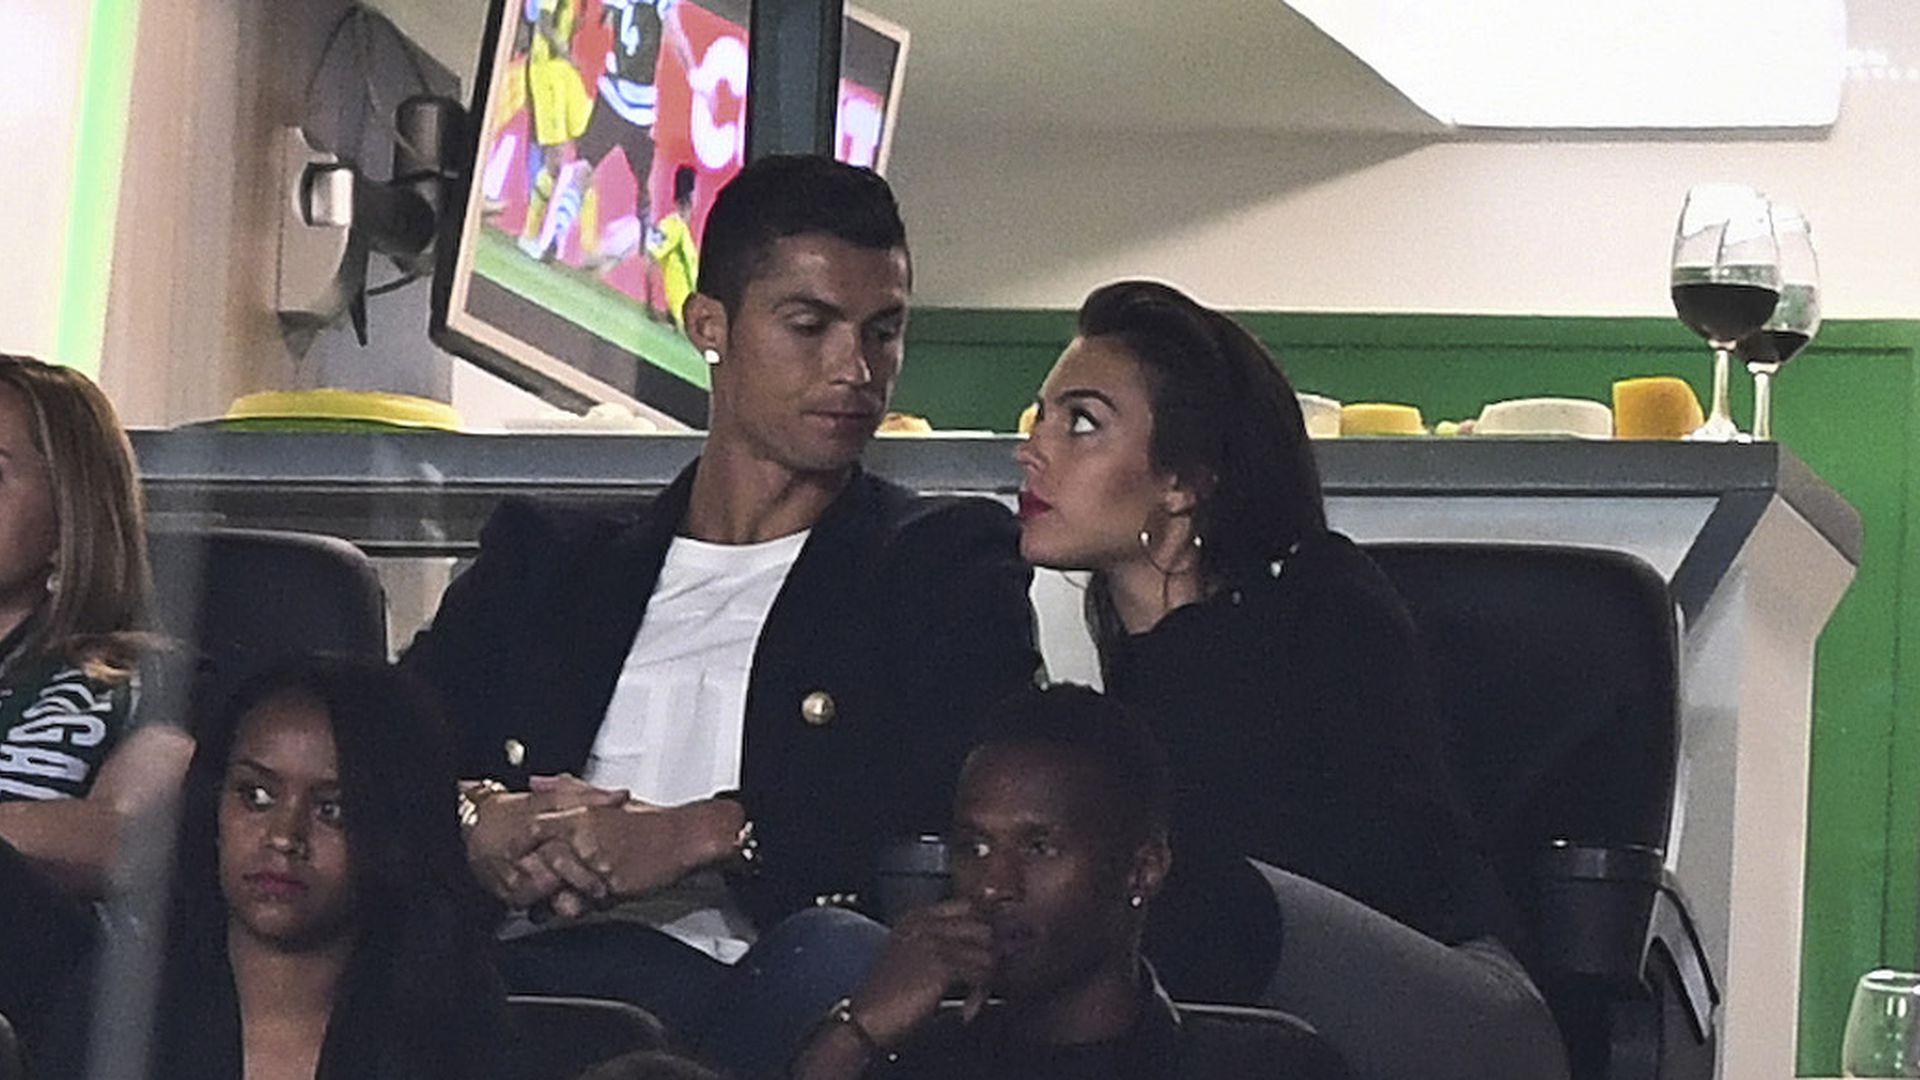 Verdchtiger Klunker Hat sich Cristiano Ronaldo verlobt